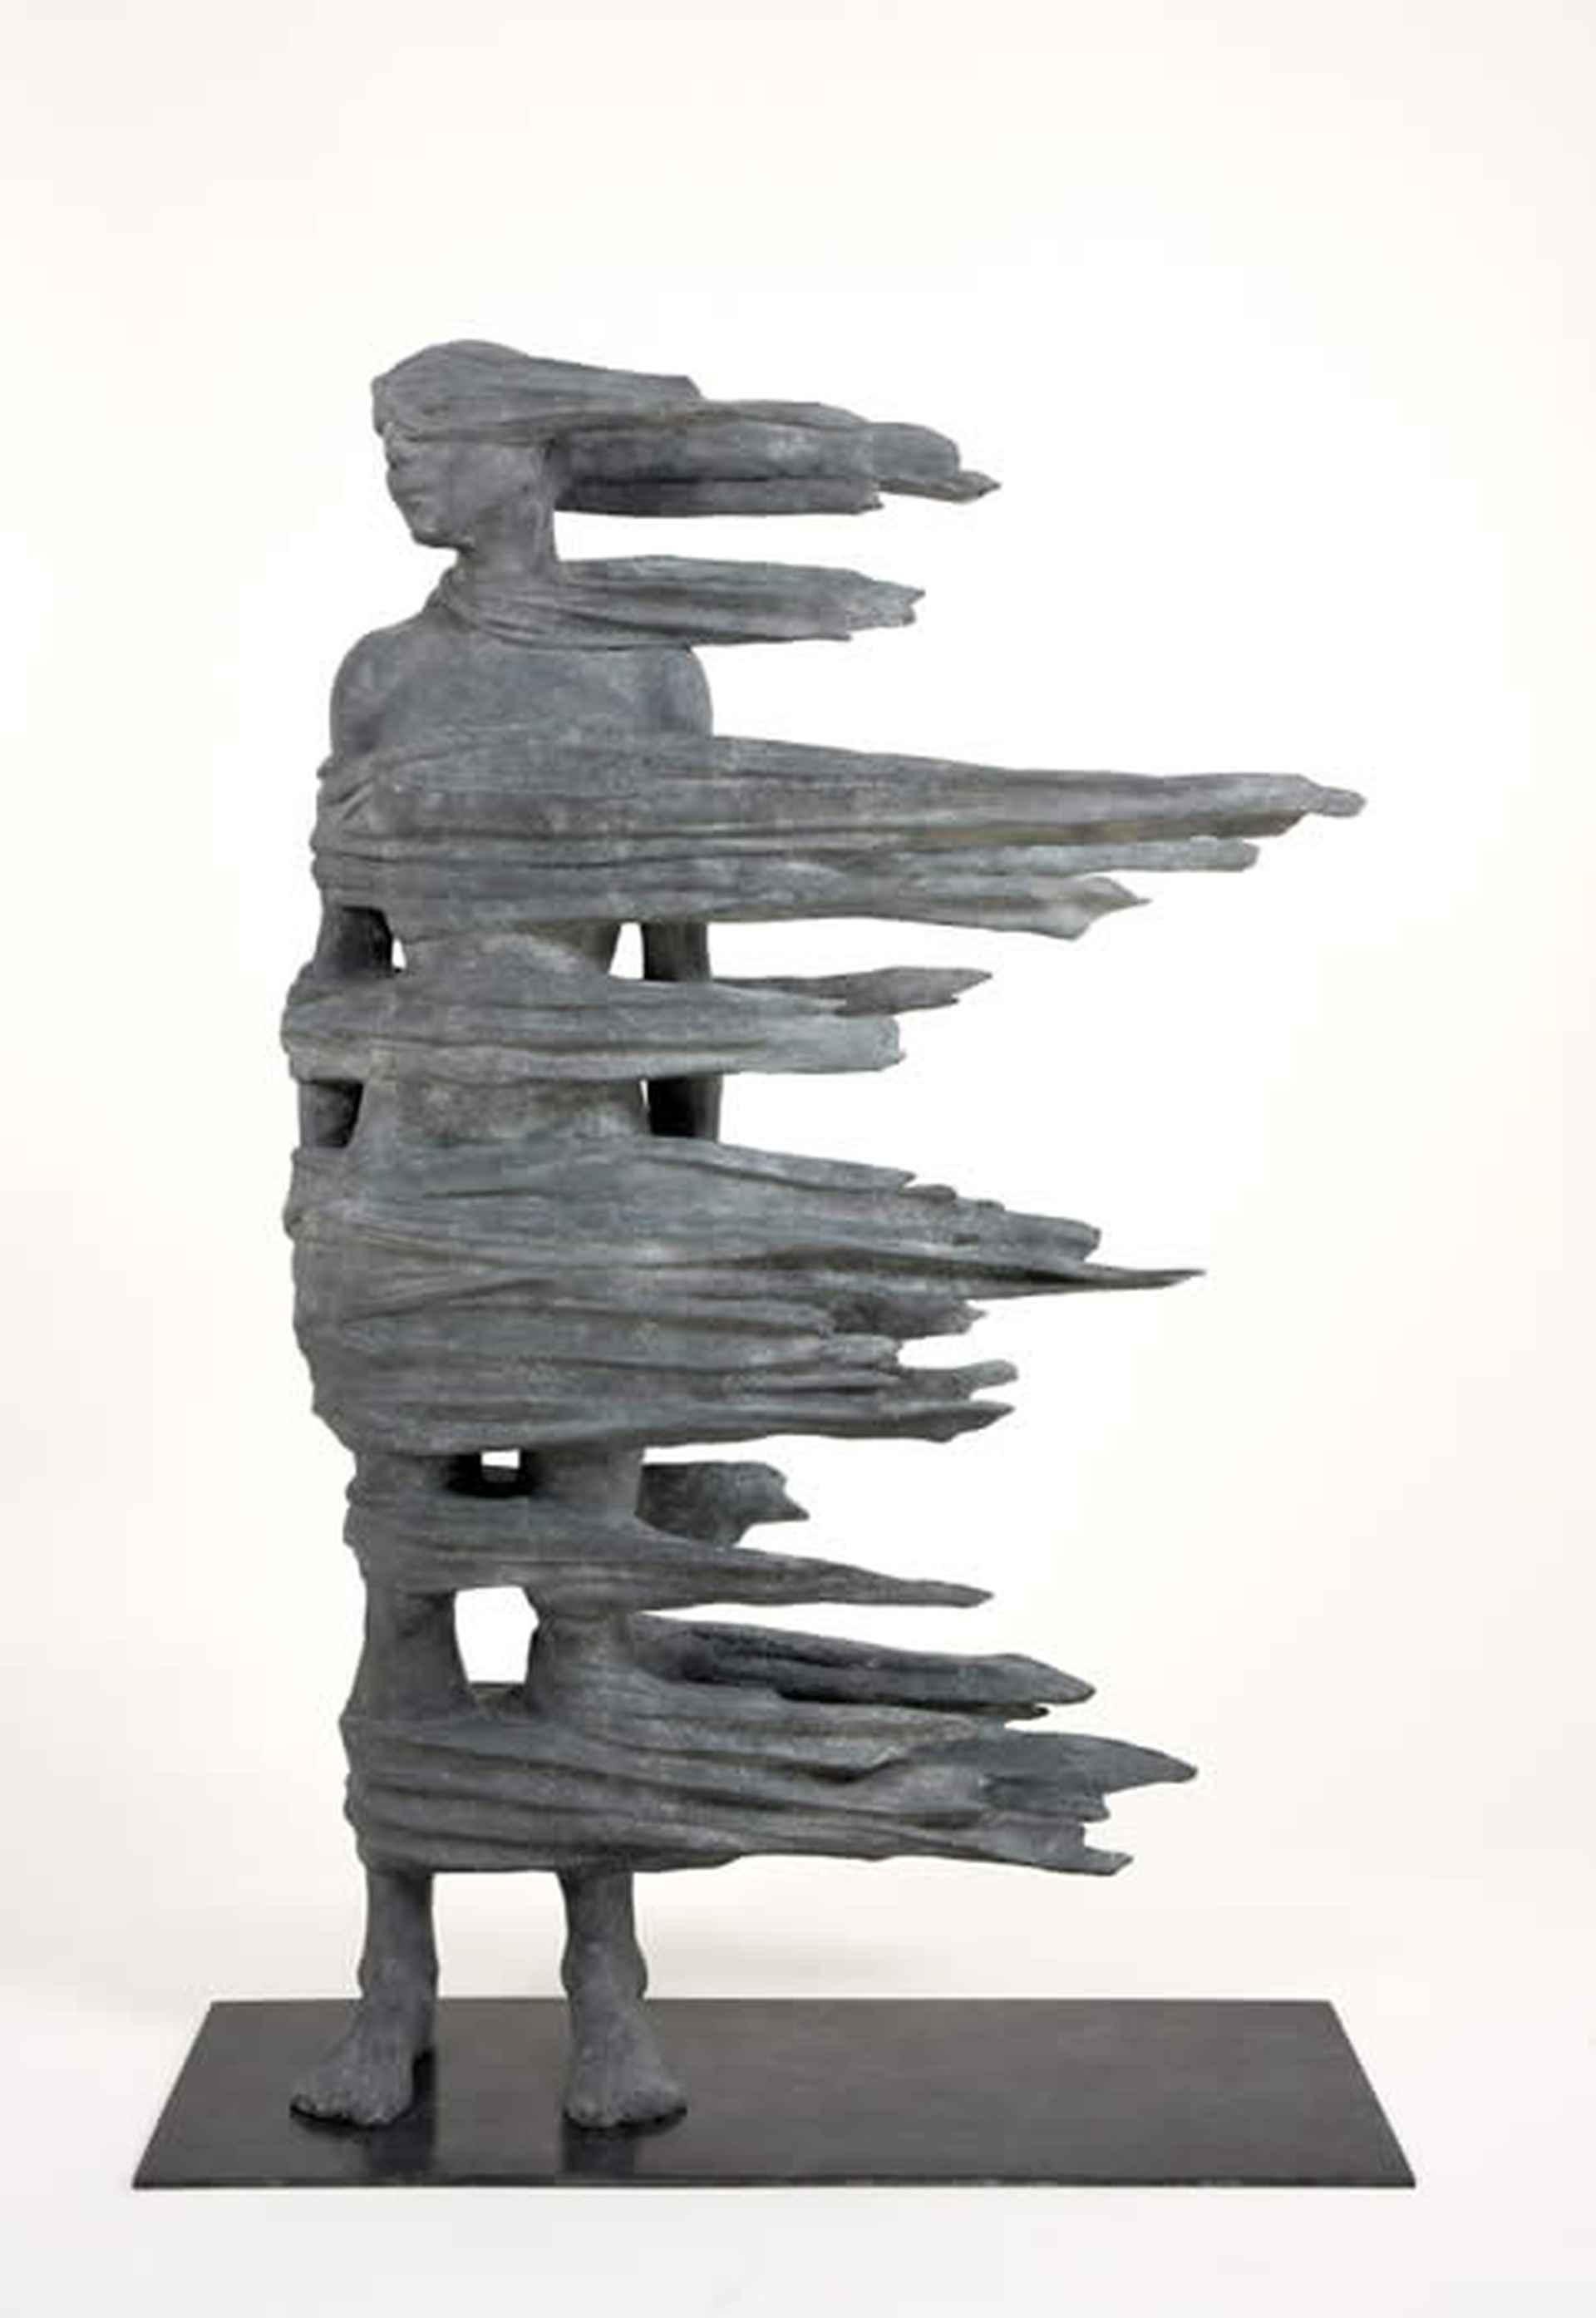 Blown Away II by Anna Gillespie